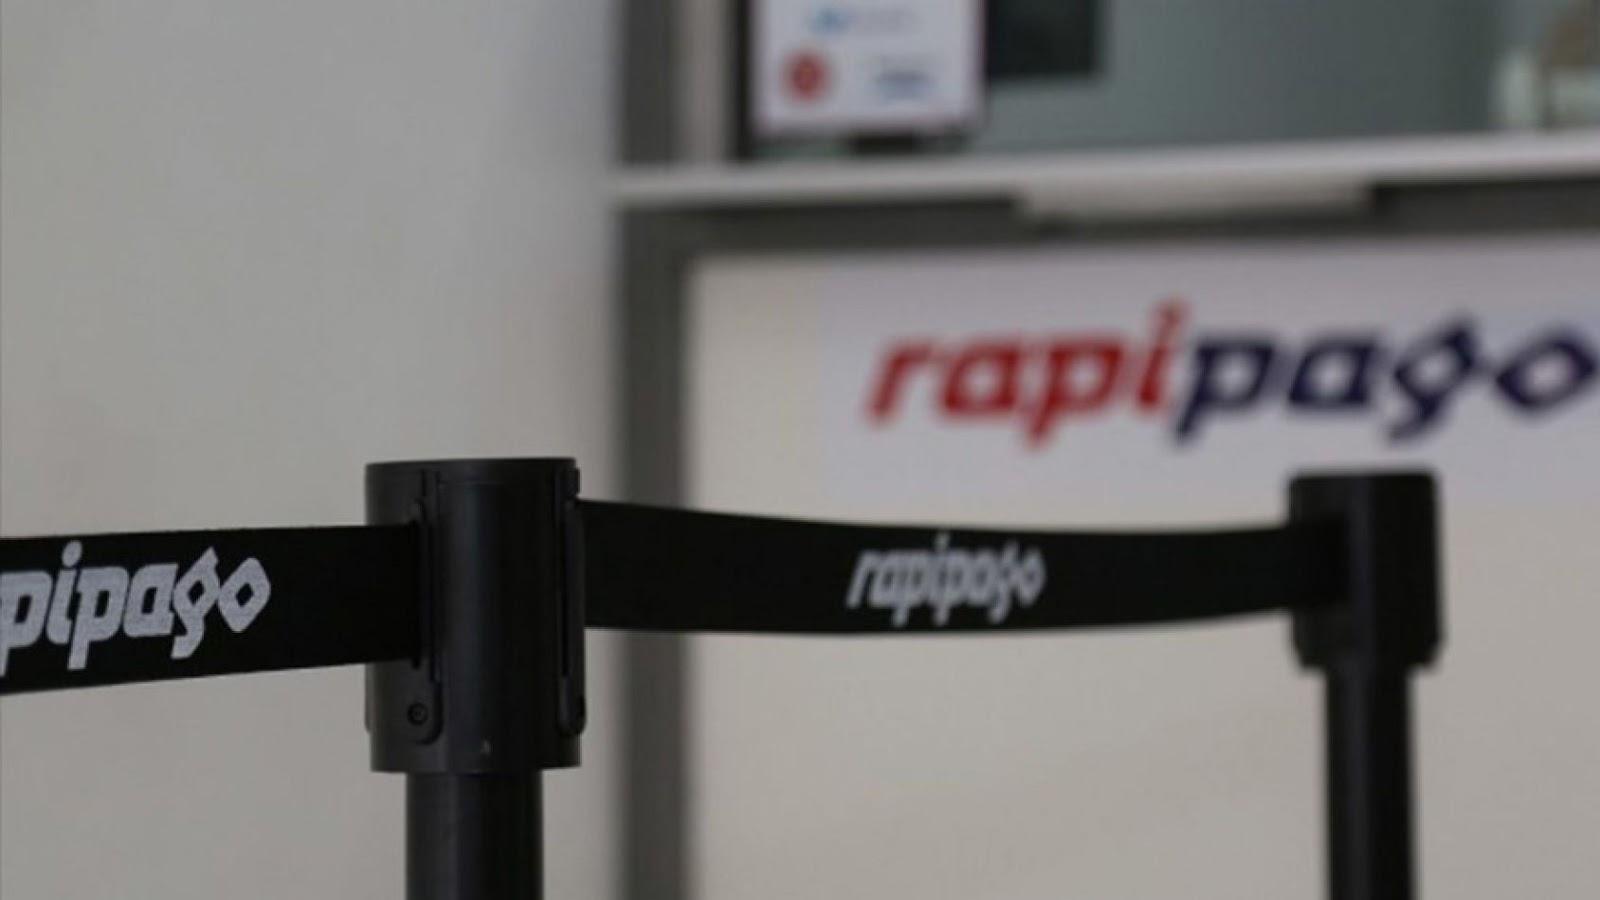 Los locales de Rapipago y Pago Facil seguirán atendiendo en base a la terminación de DNI